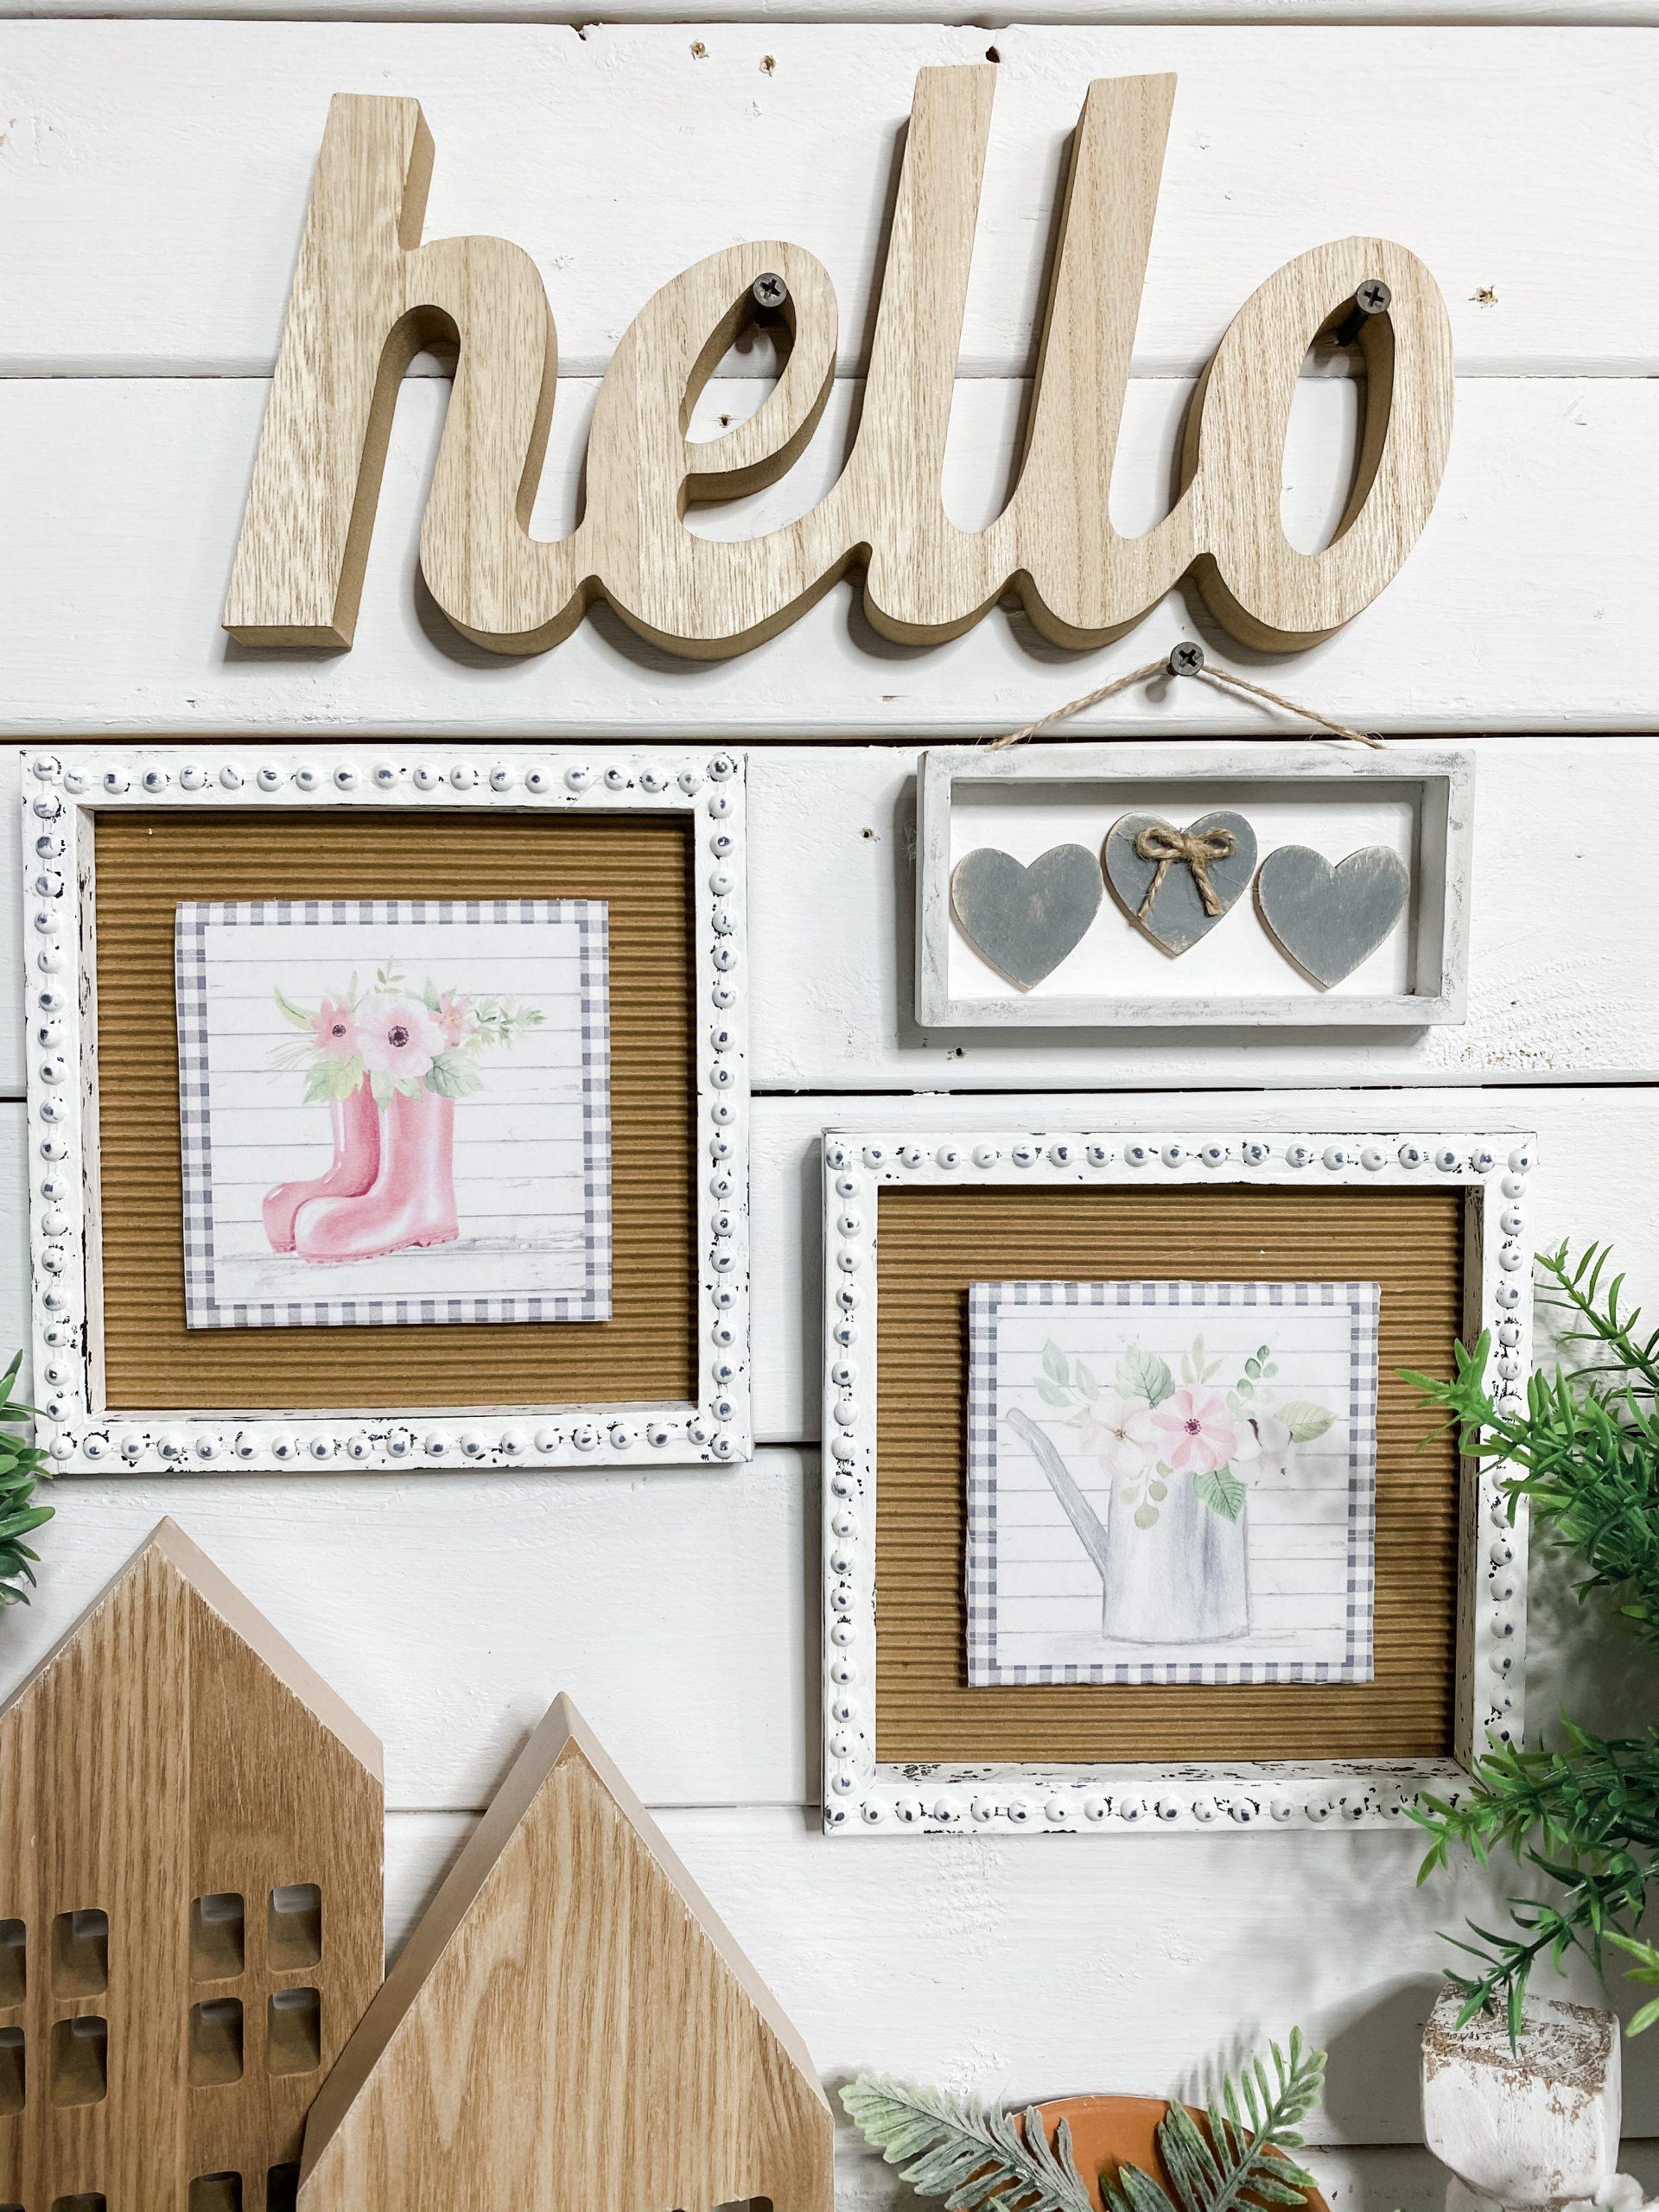 DIY Farmhouse Decor with Spring Printables